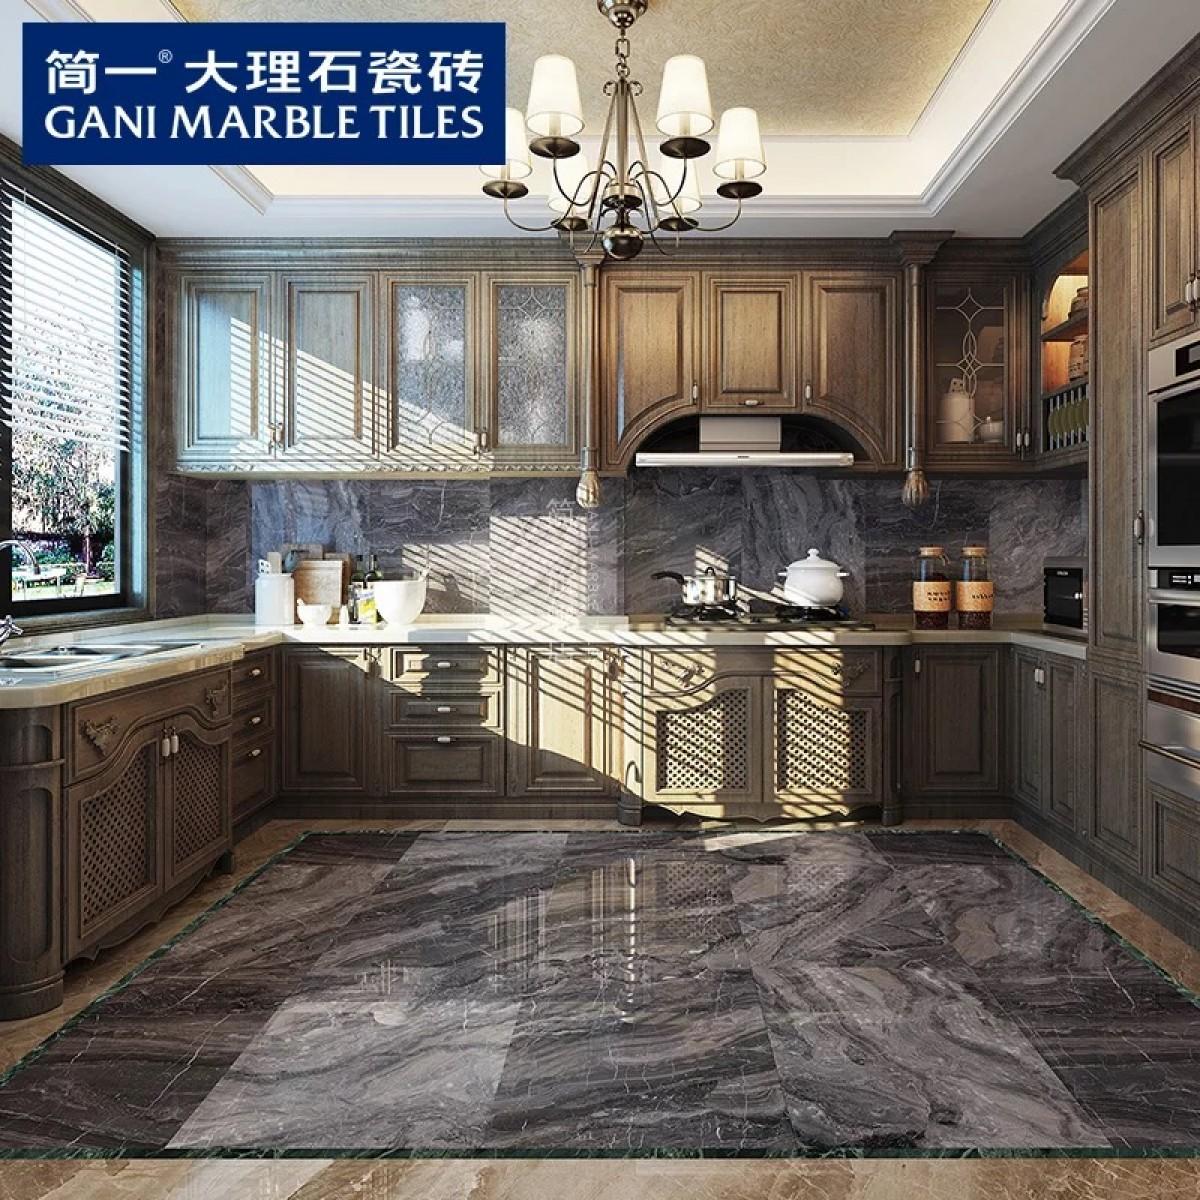 简一大理石瓷砖 皇室灰 客厅卧室厨房卫生间瓷砖防滑地砖现代